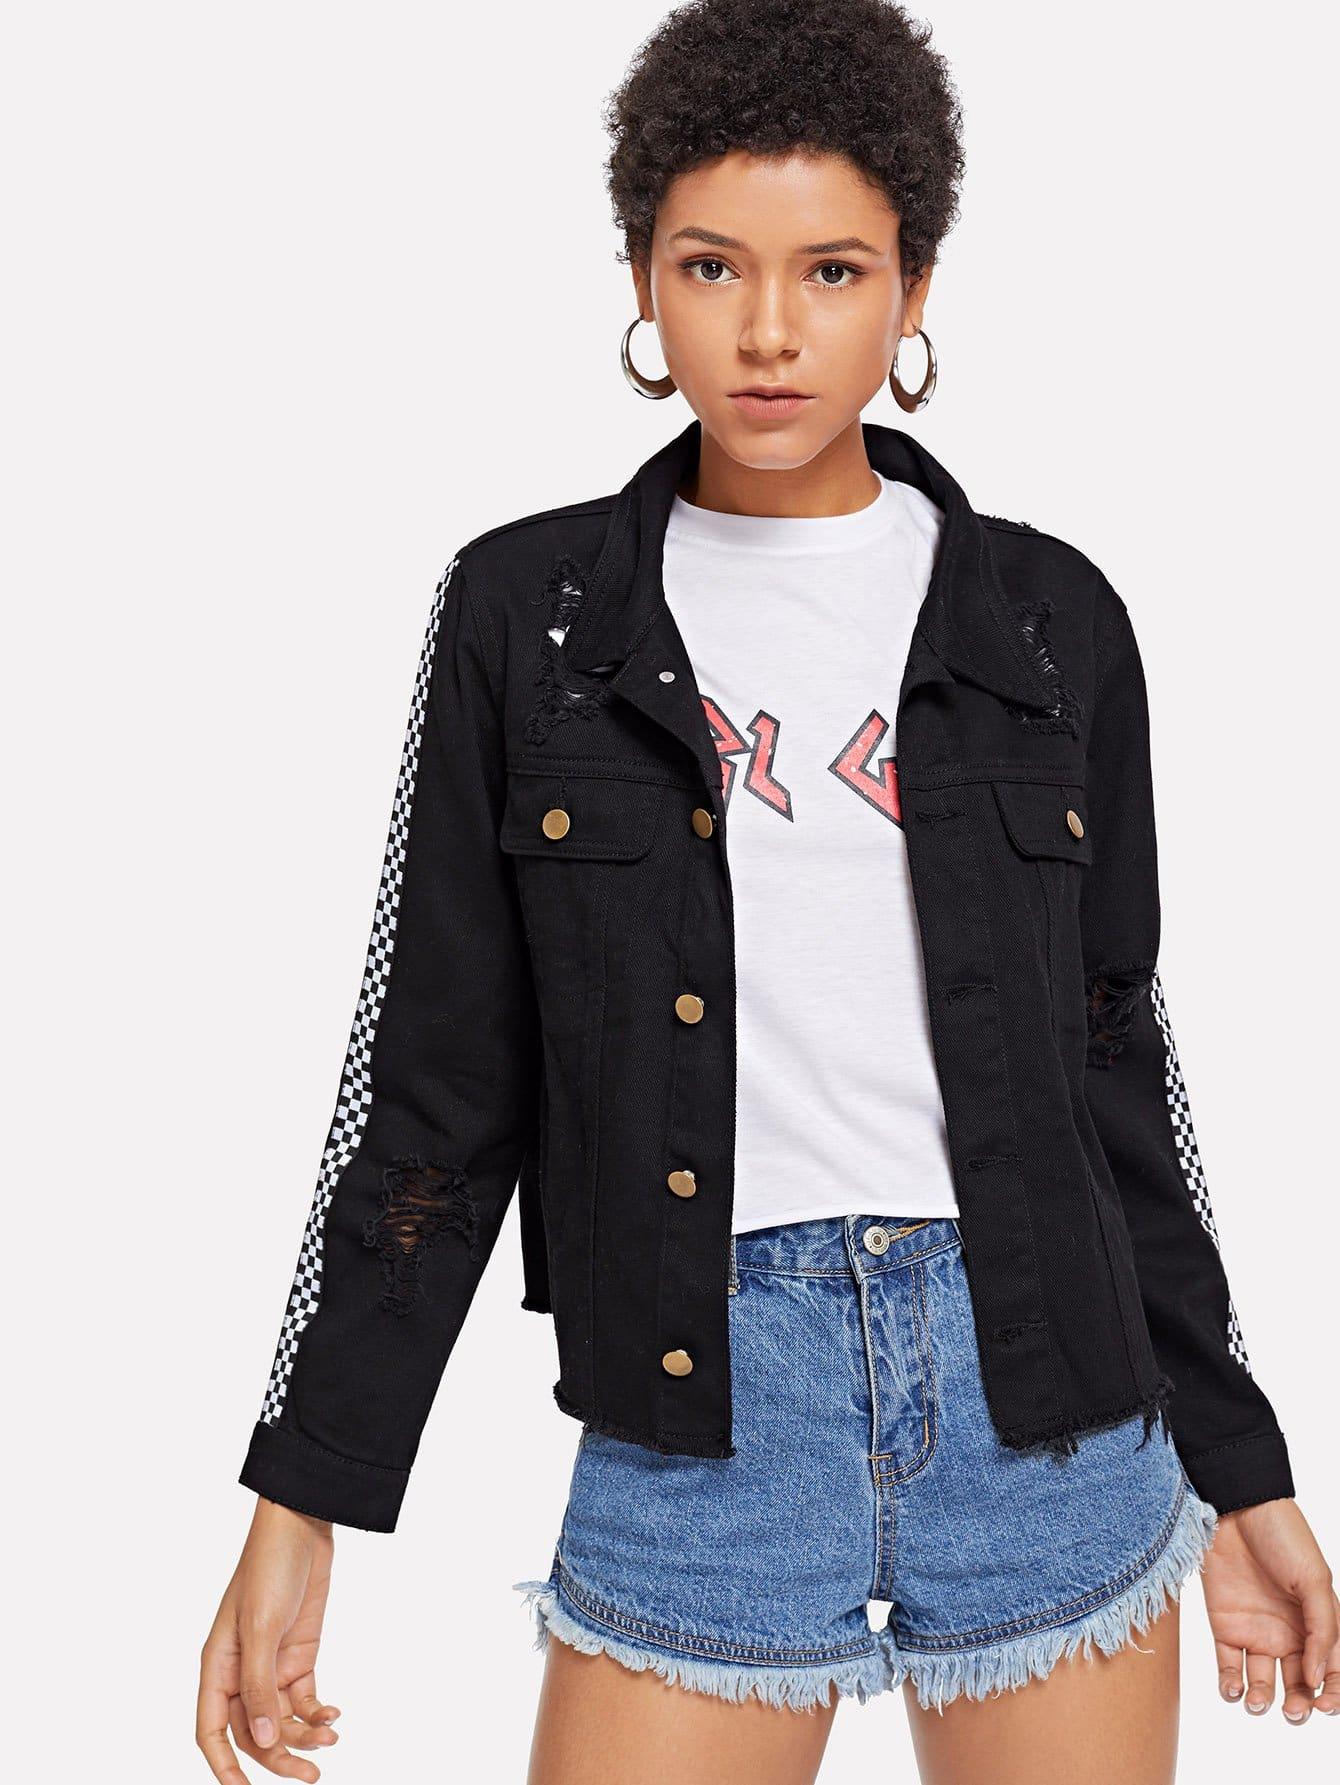 Купить Рваная куртка и с украшением пуговицы и с рукавами в клетку, Ana, SheIn